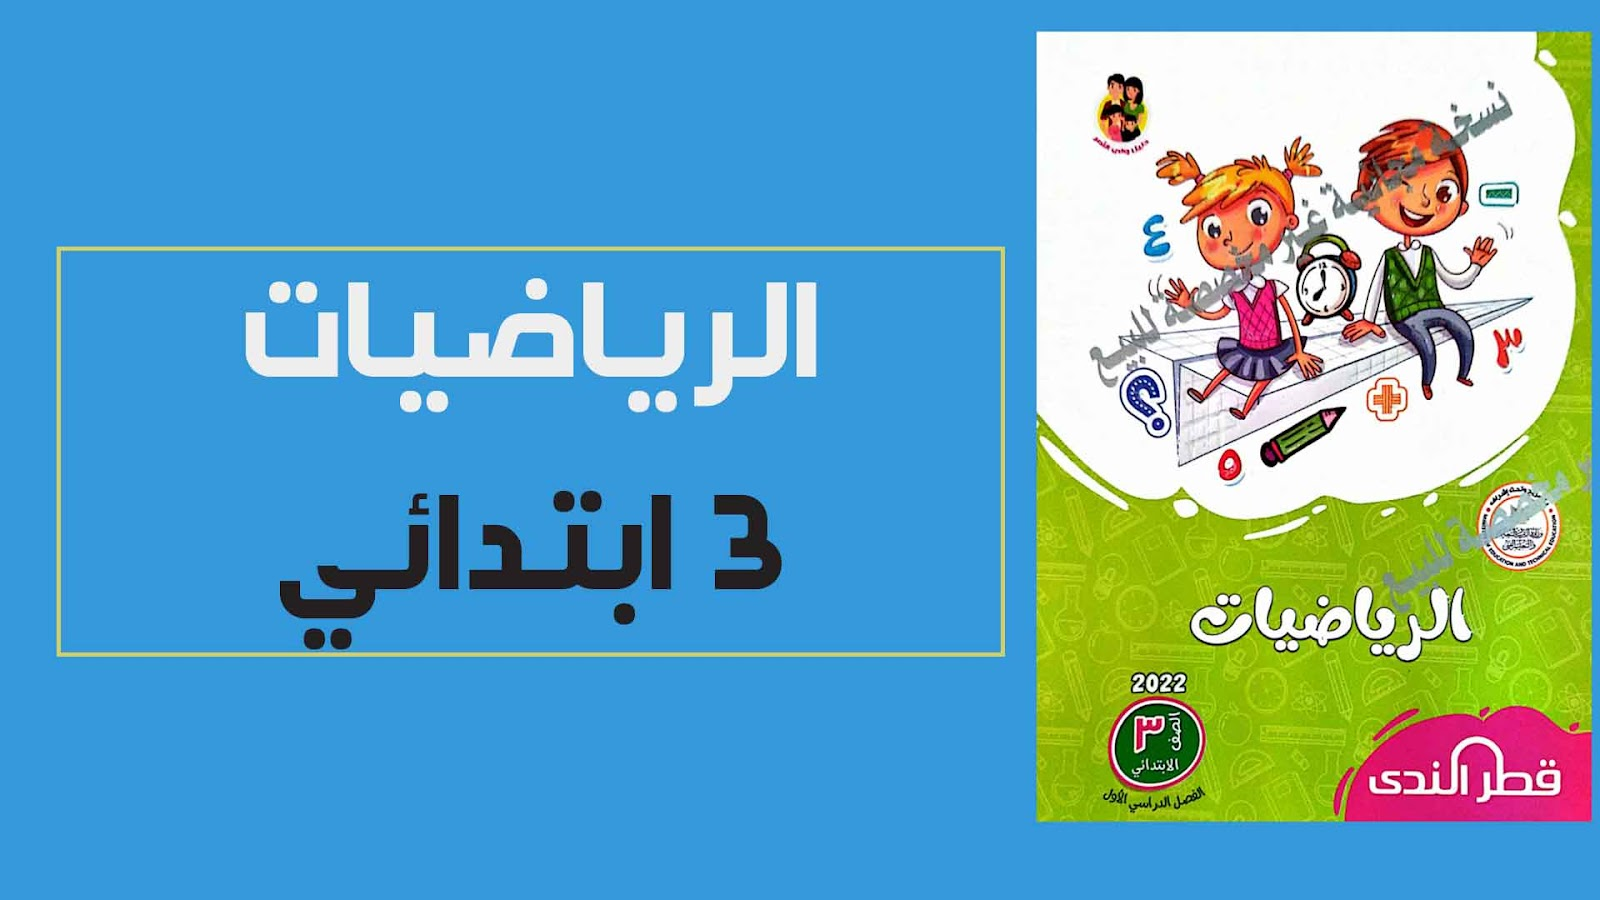 تحميل كتاب قطر الندى فى الرياضيات للصف الثالث الابتدائي الترم الاول 2022 (النسخة الجديدة)